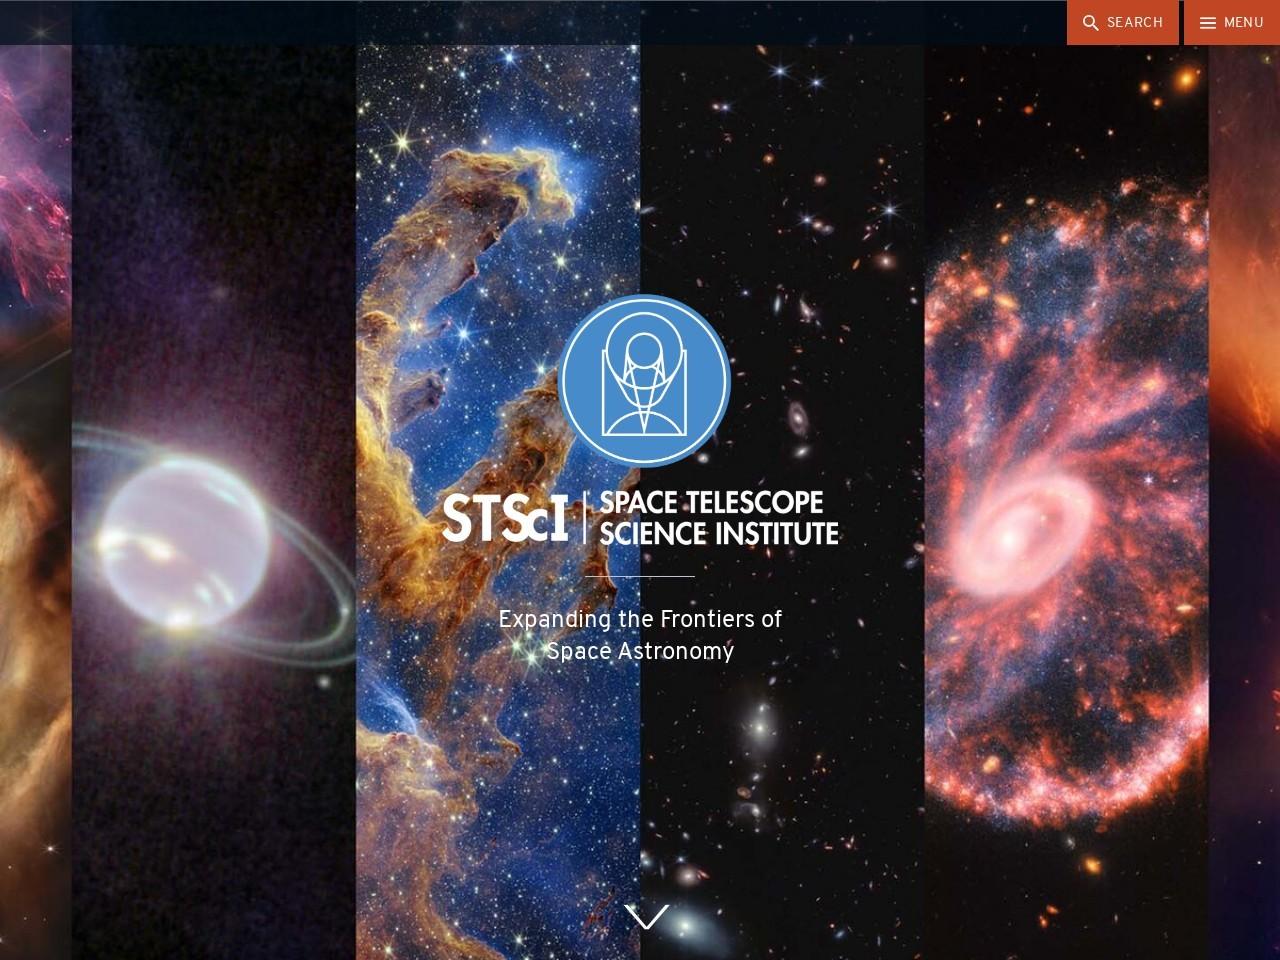 stsci.edu